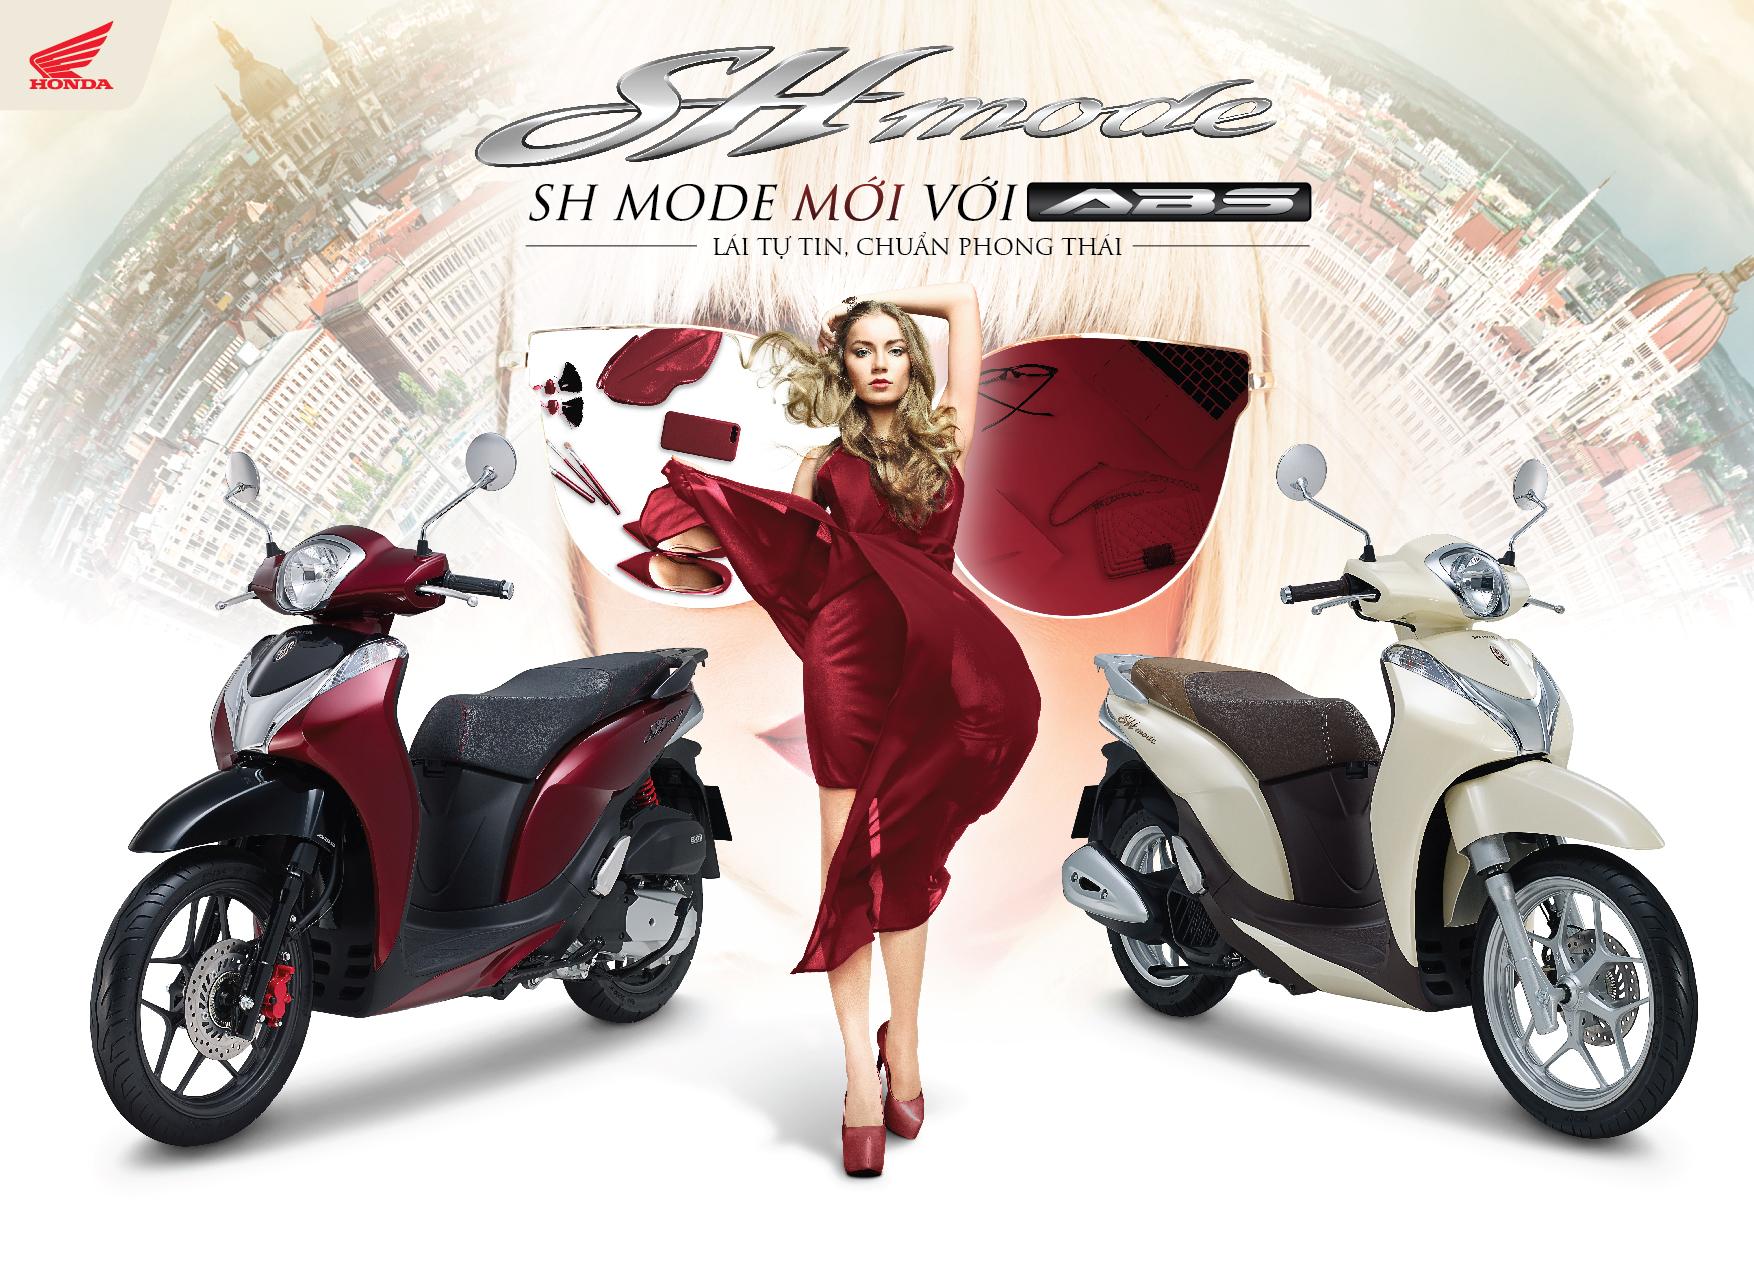 Honda Việt Nam giới thiệu SH Mode 125cc mới với ABS Lái tự tin, chuẩn phong thái